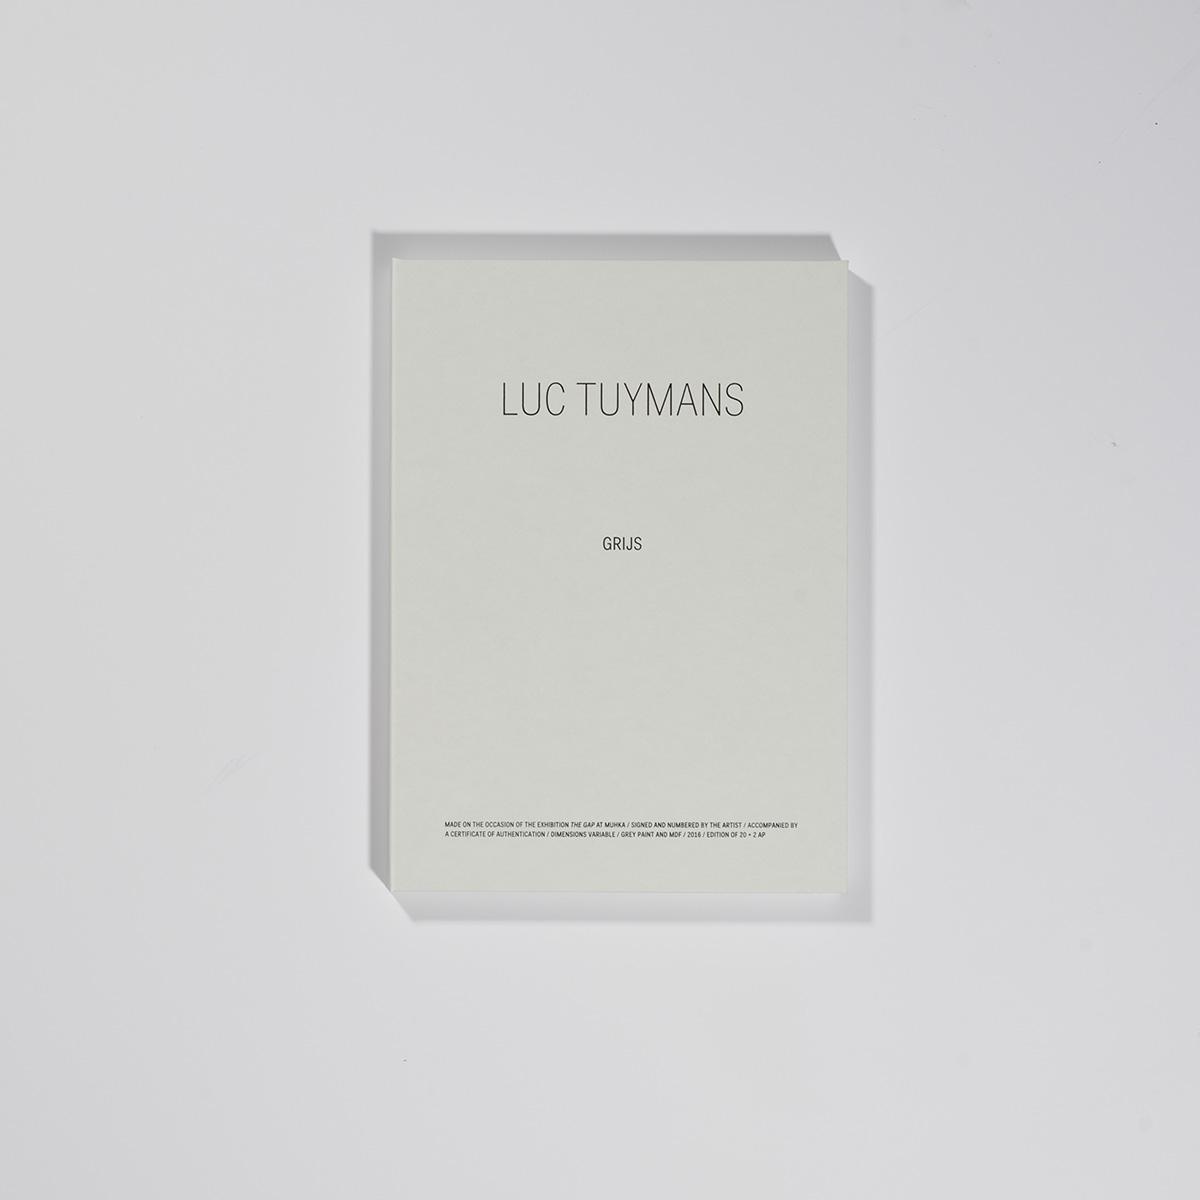 Luc Tuymans | Grijs 2016